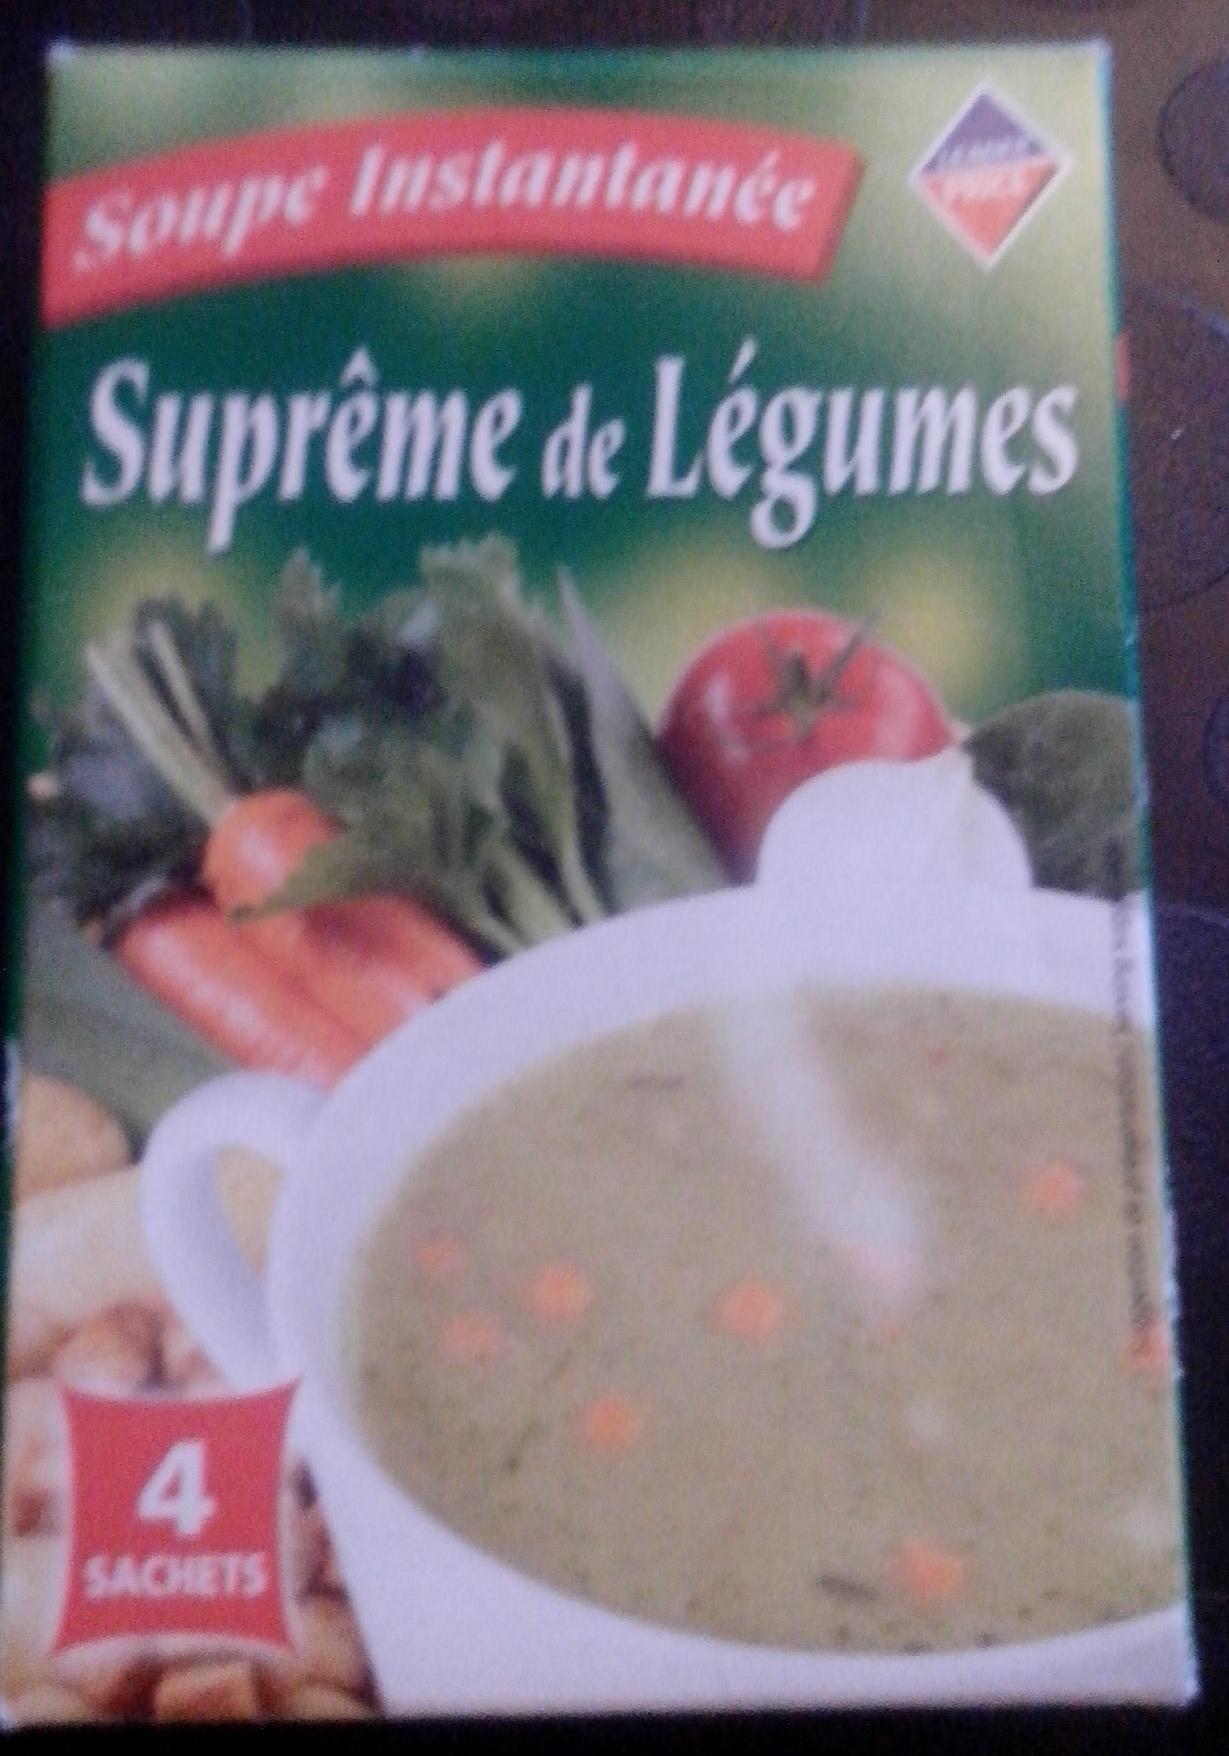 Suprême de légumes - Product